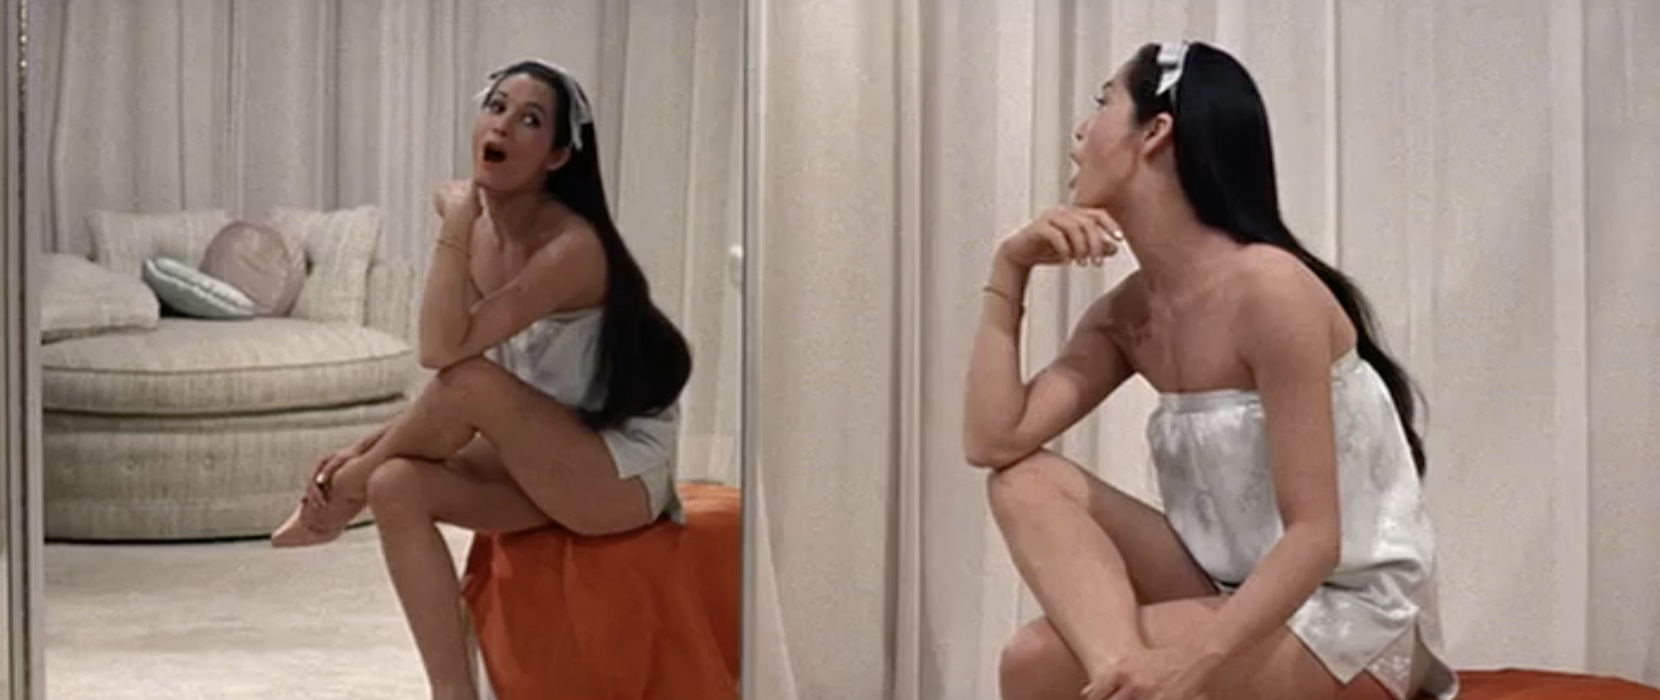 Nancy Kwan as Linda Low enjoys being a girl